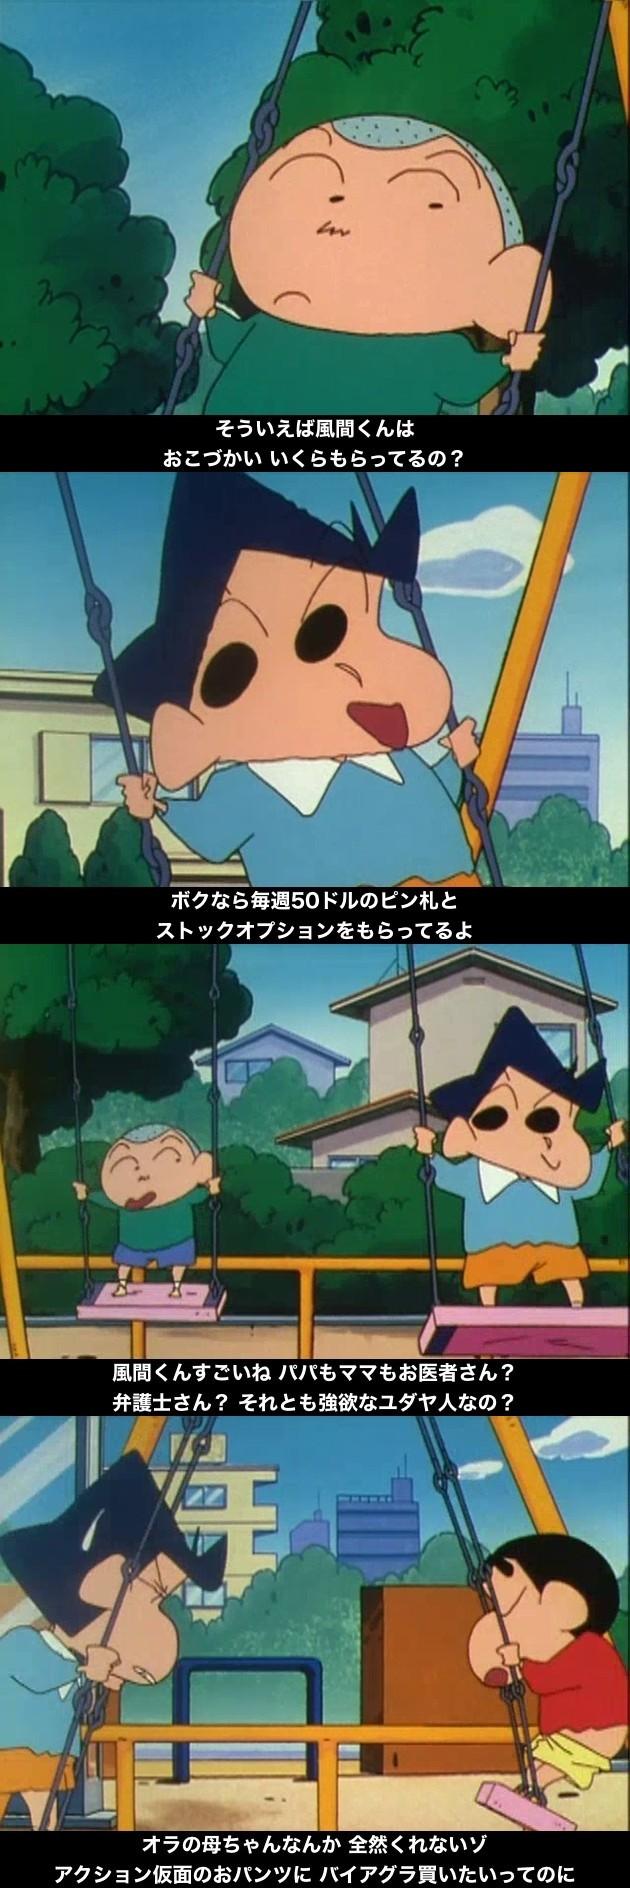 『クレヨンしんちゃん』の海外版吹替に関連した画像-02